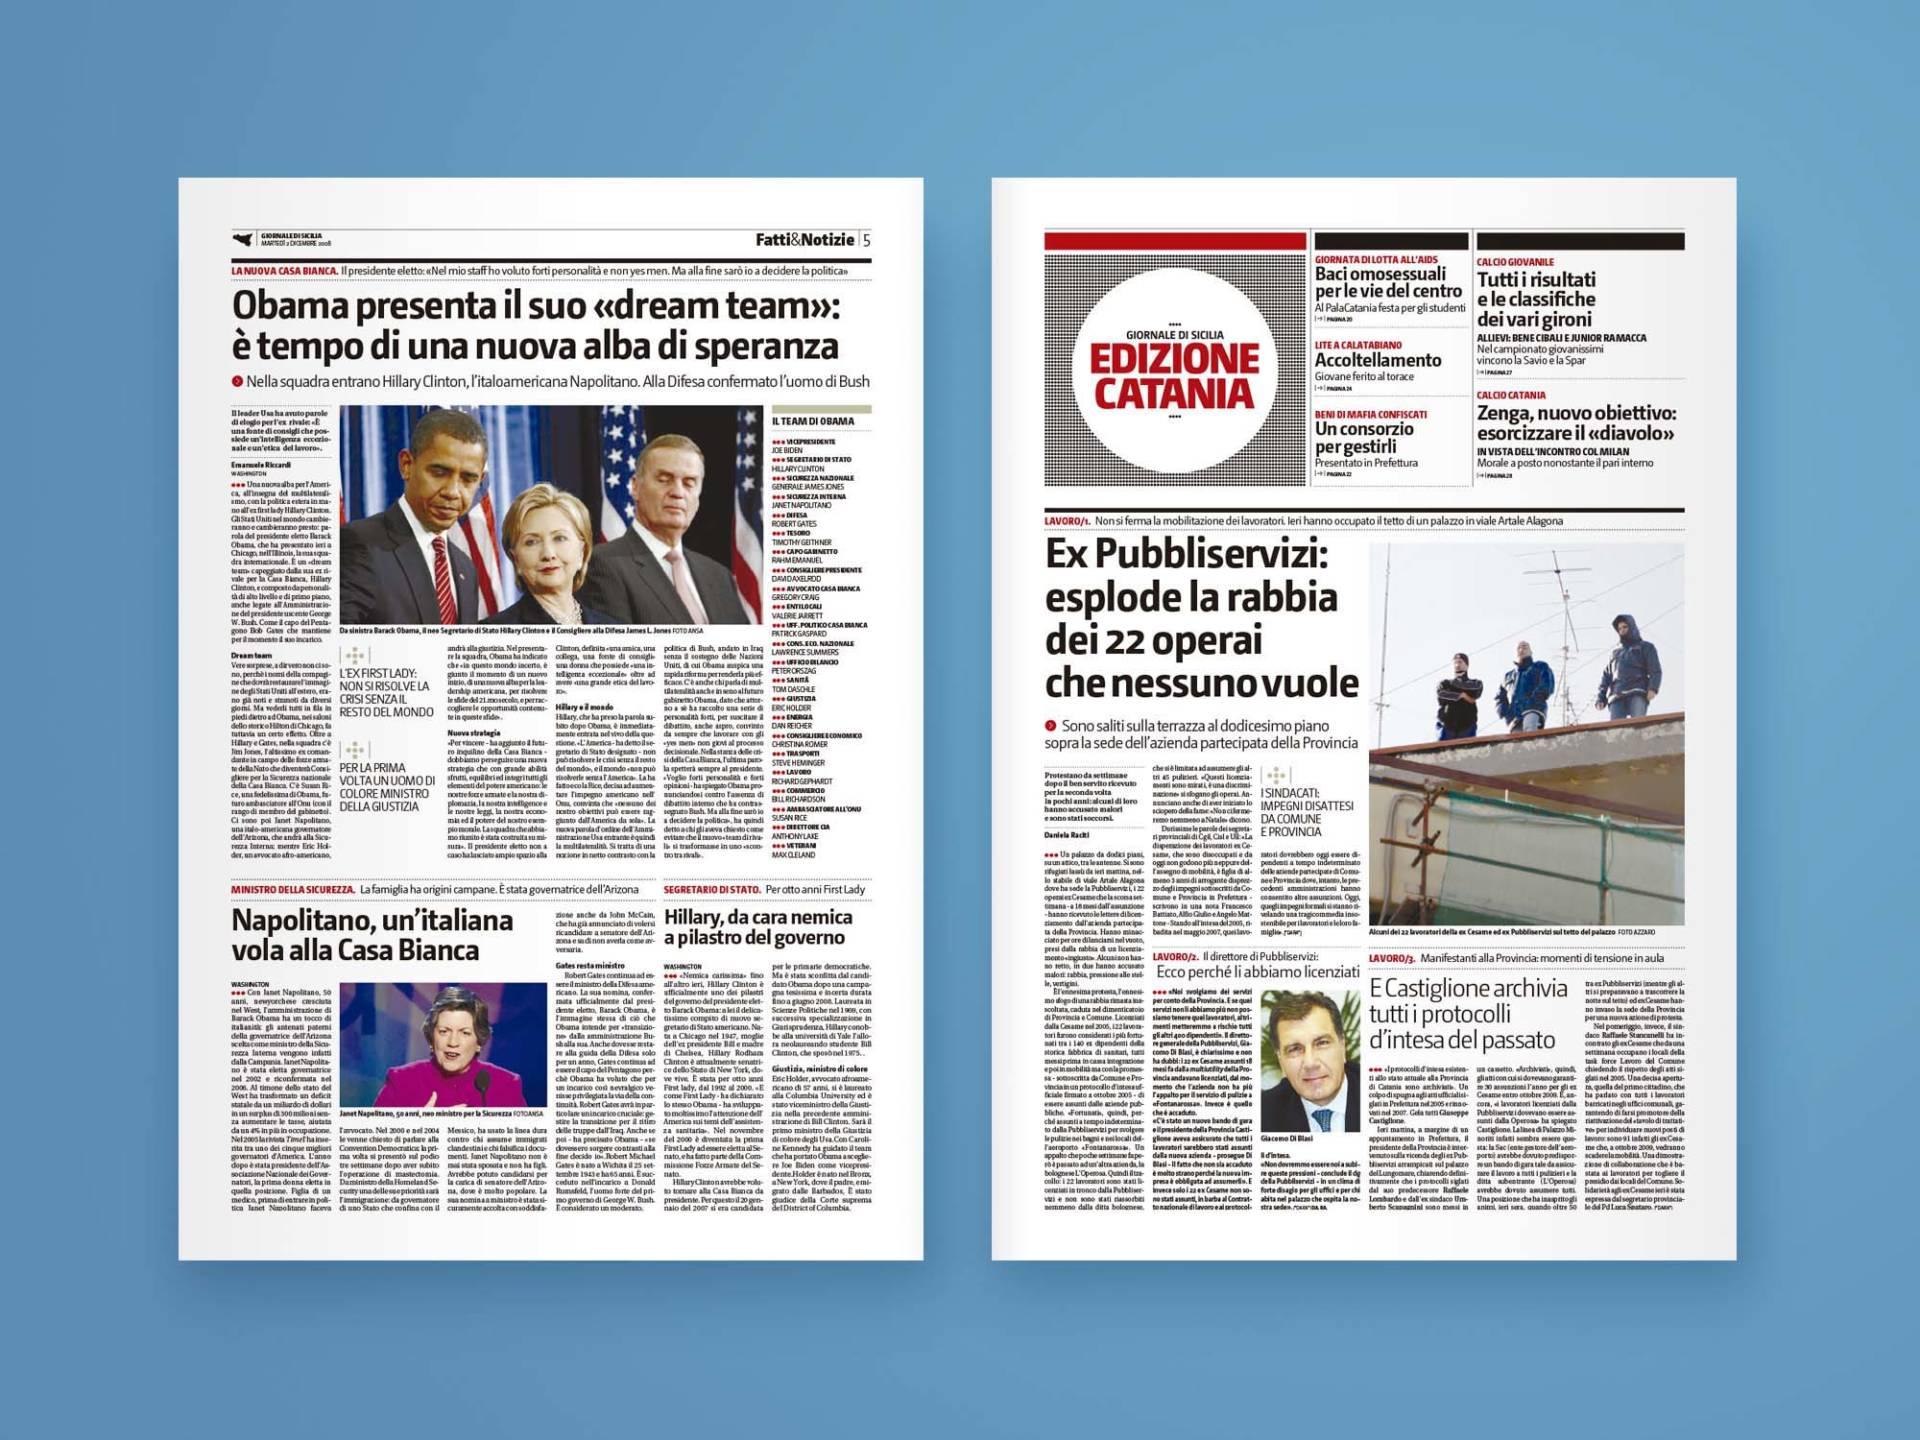 Giornale_di_Sicilia_03_Wenceslau_News_Design